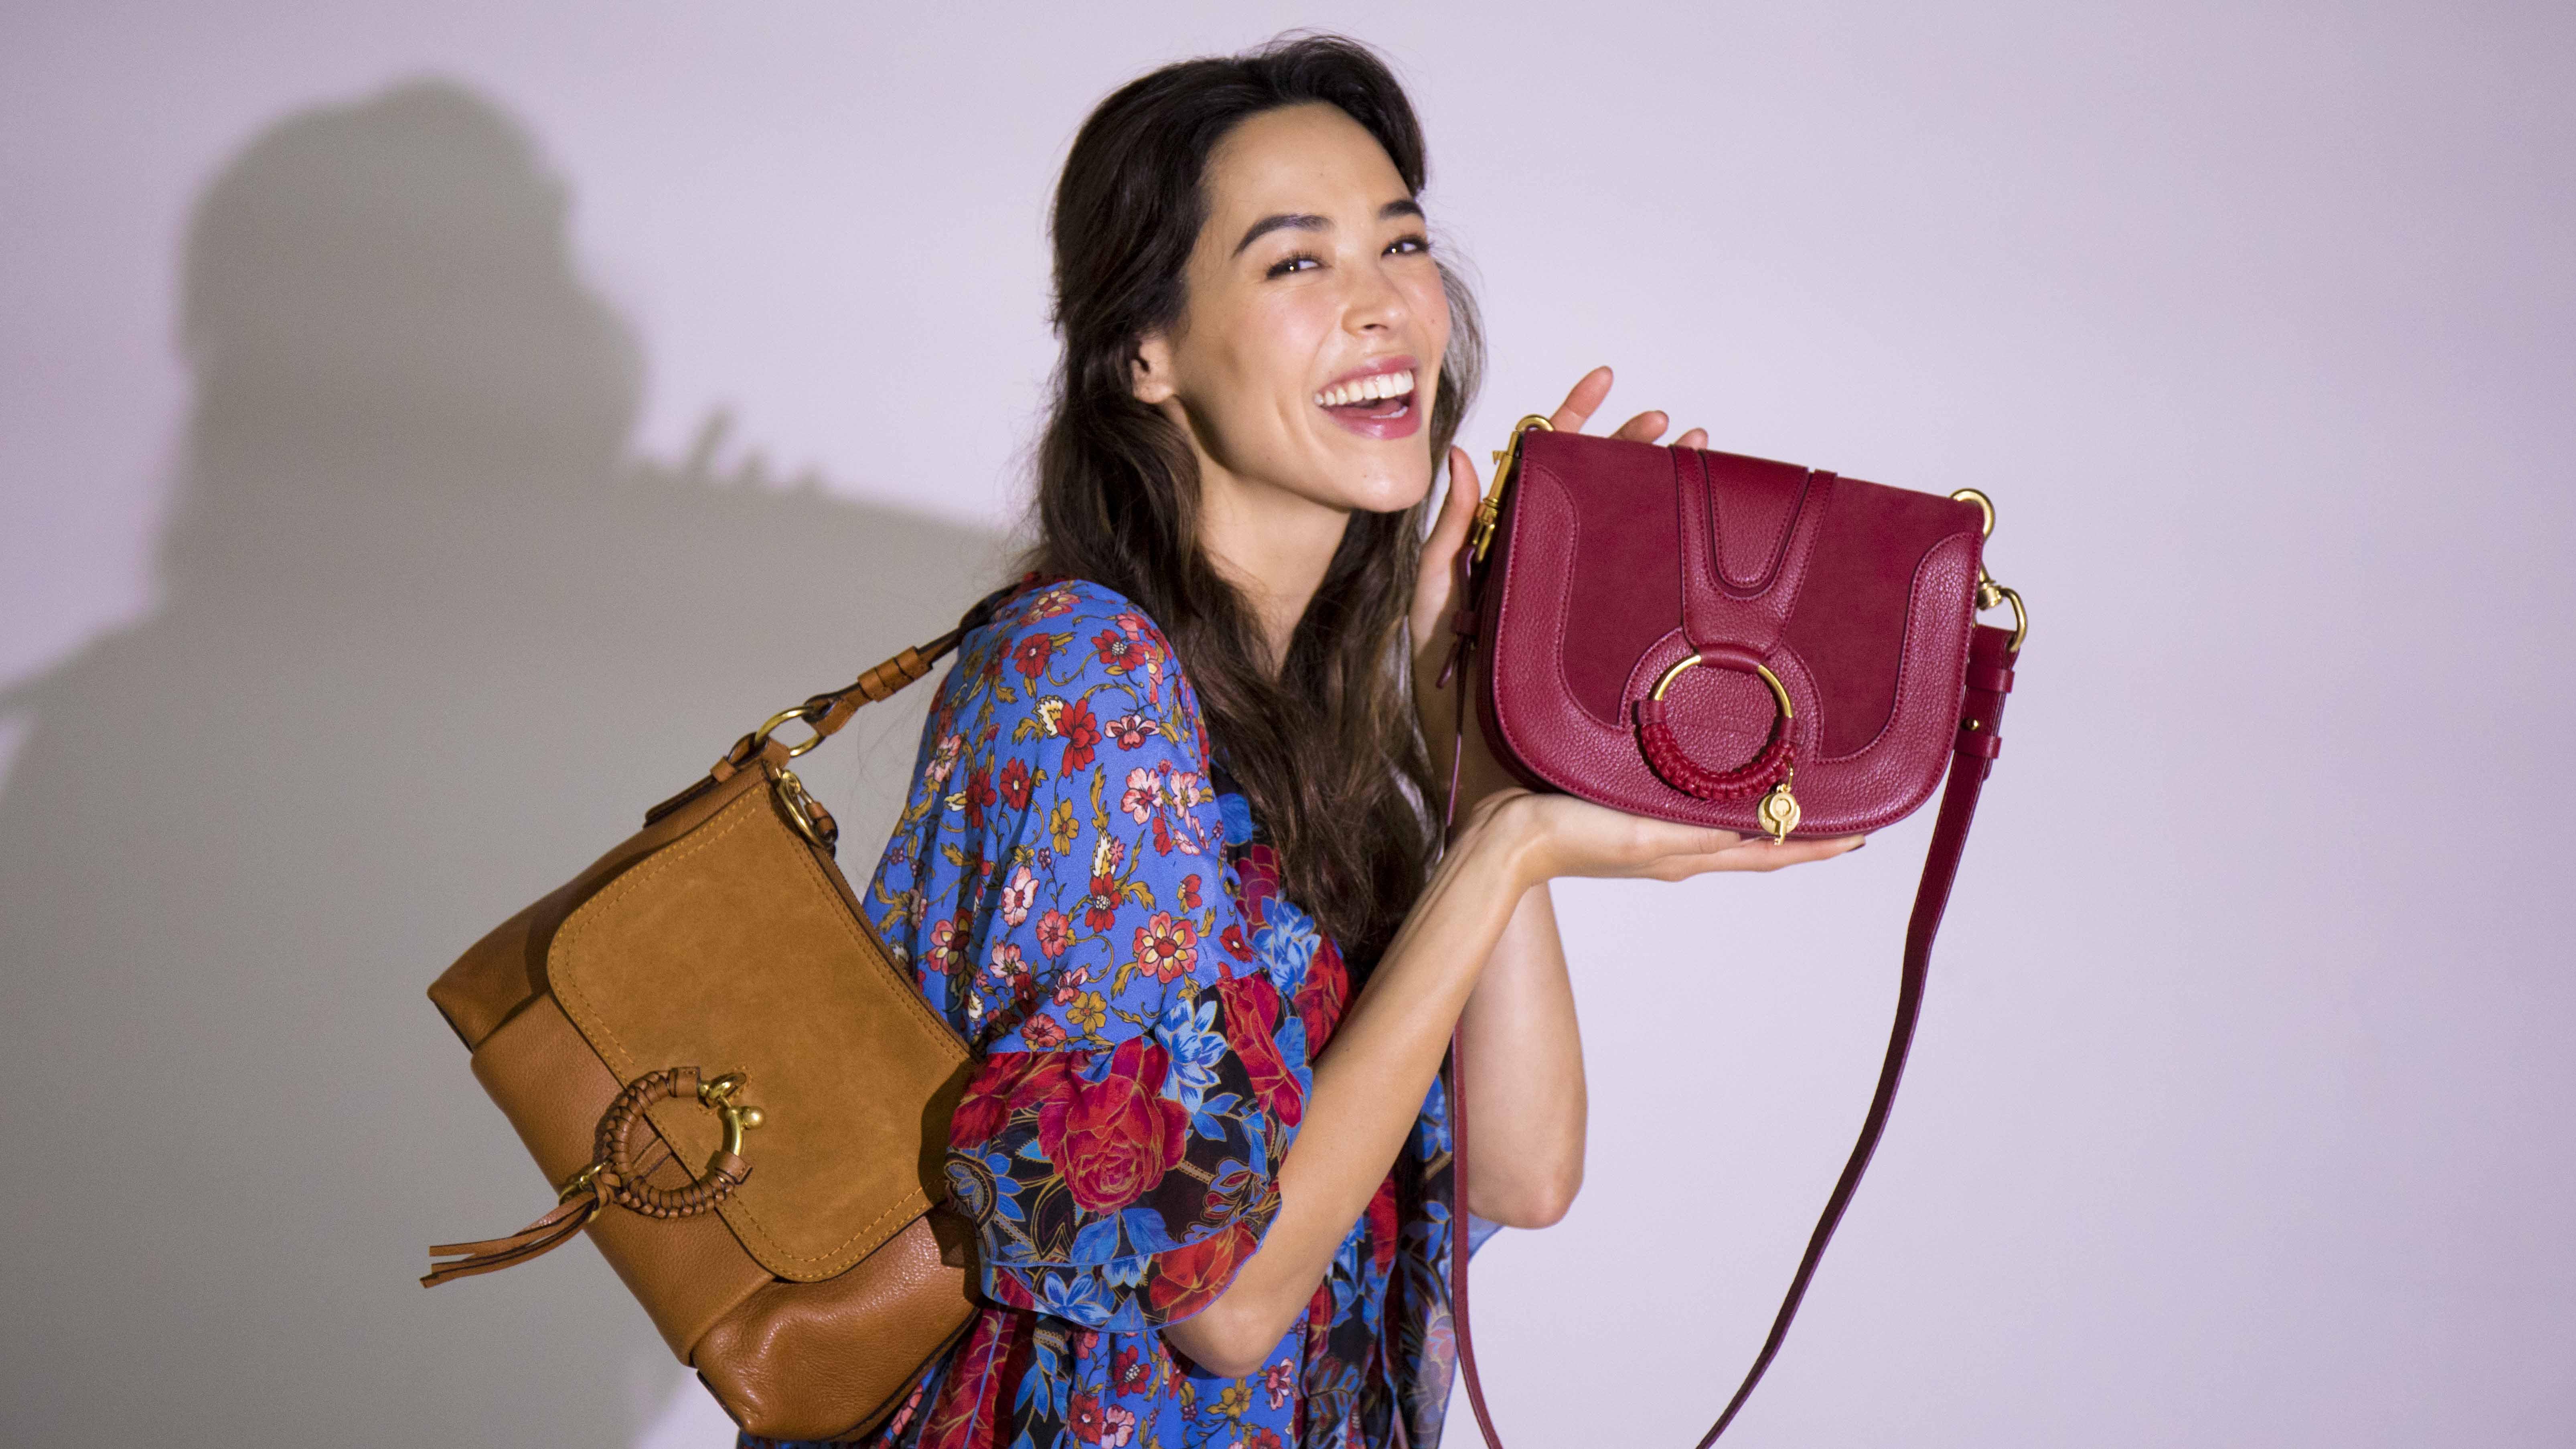 【See By Chloé】で見つけたボヘミアンワンピと好相性のミューズバッグ